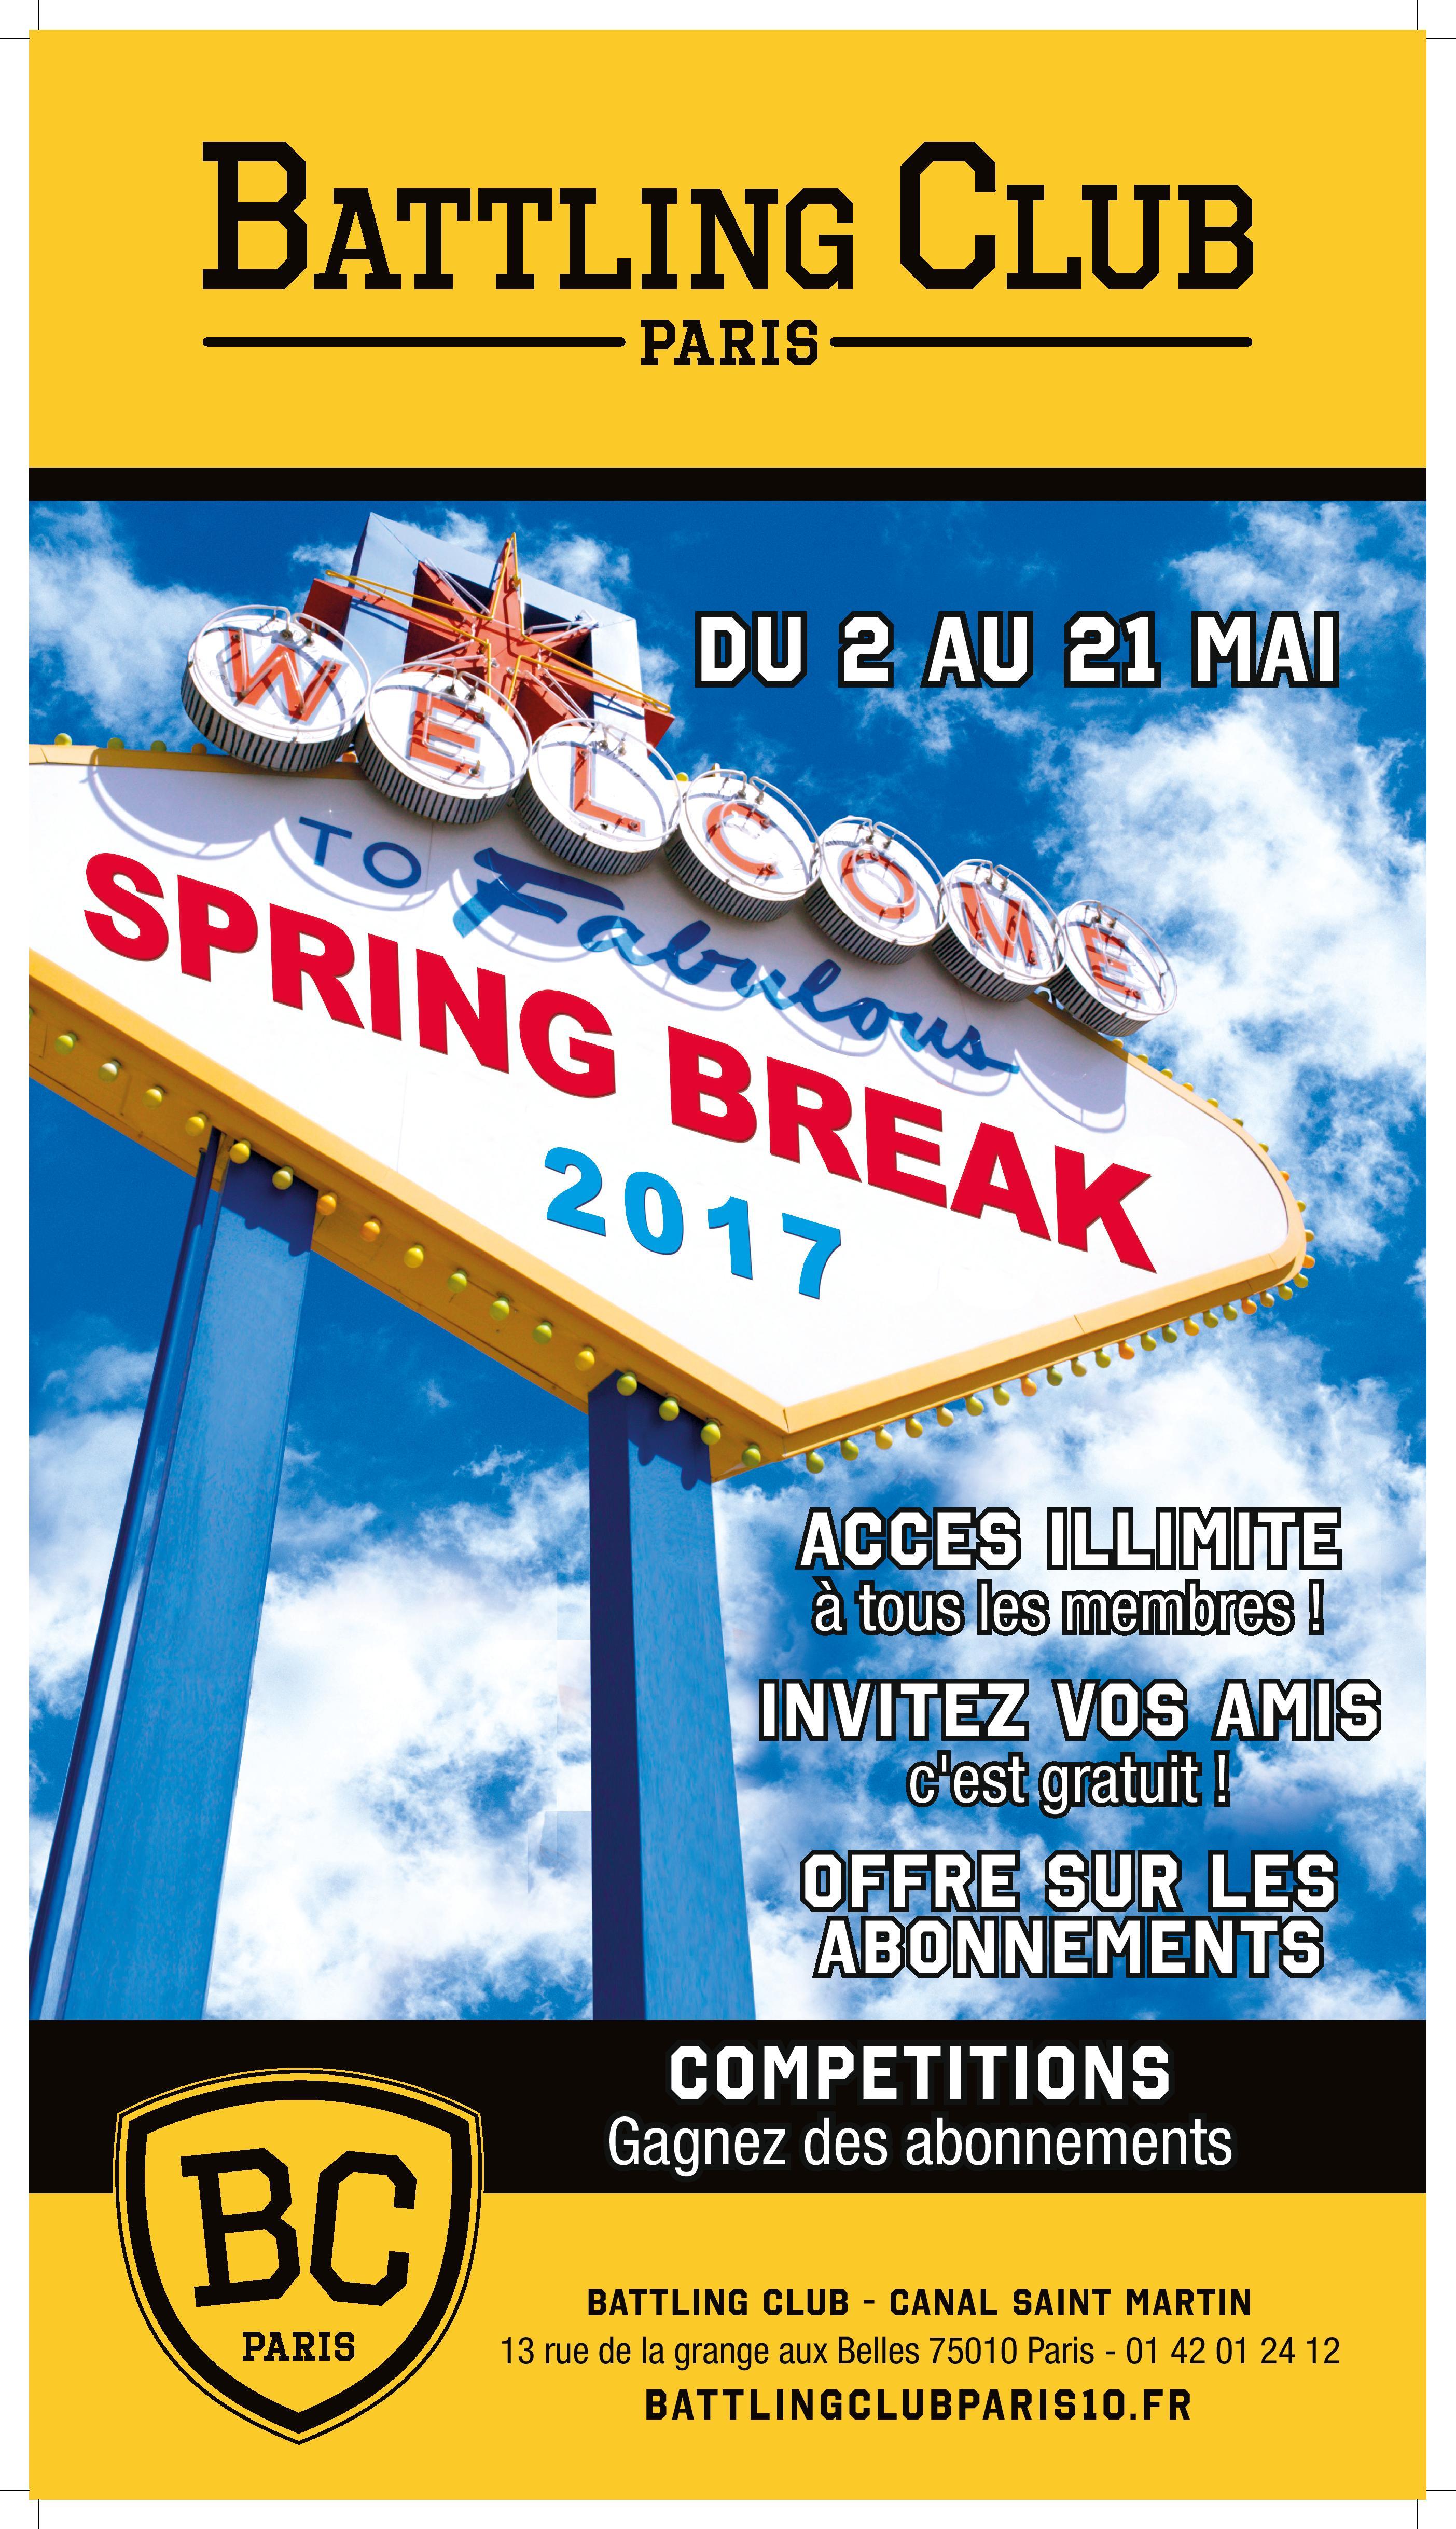 Centre sportif paris 10 me club de boxe battling club - 13 rue de la grange aux belles 75010 paris ...